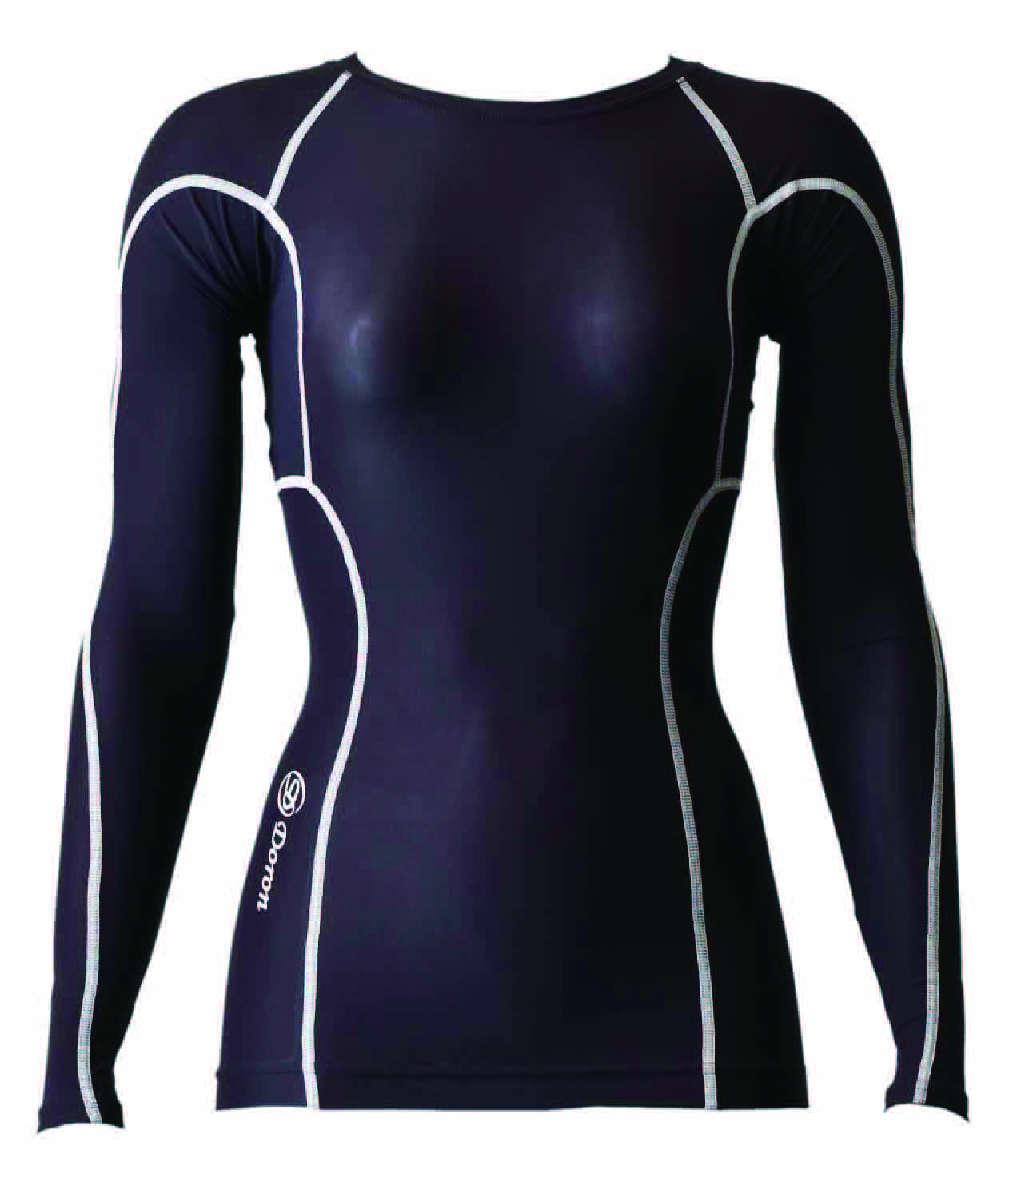 数量は多い  DORON (ドロン) LIFE DORON ブラック Women's ロングスリーブシャツ ブラック LIFE D0350, 今野園芸:570c873a --- canoncity.azurewebsites.net